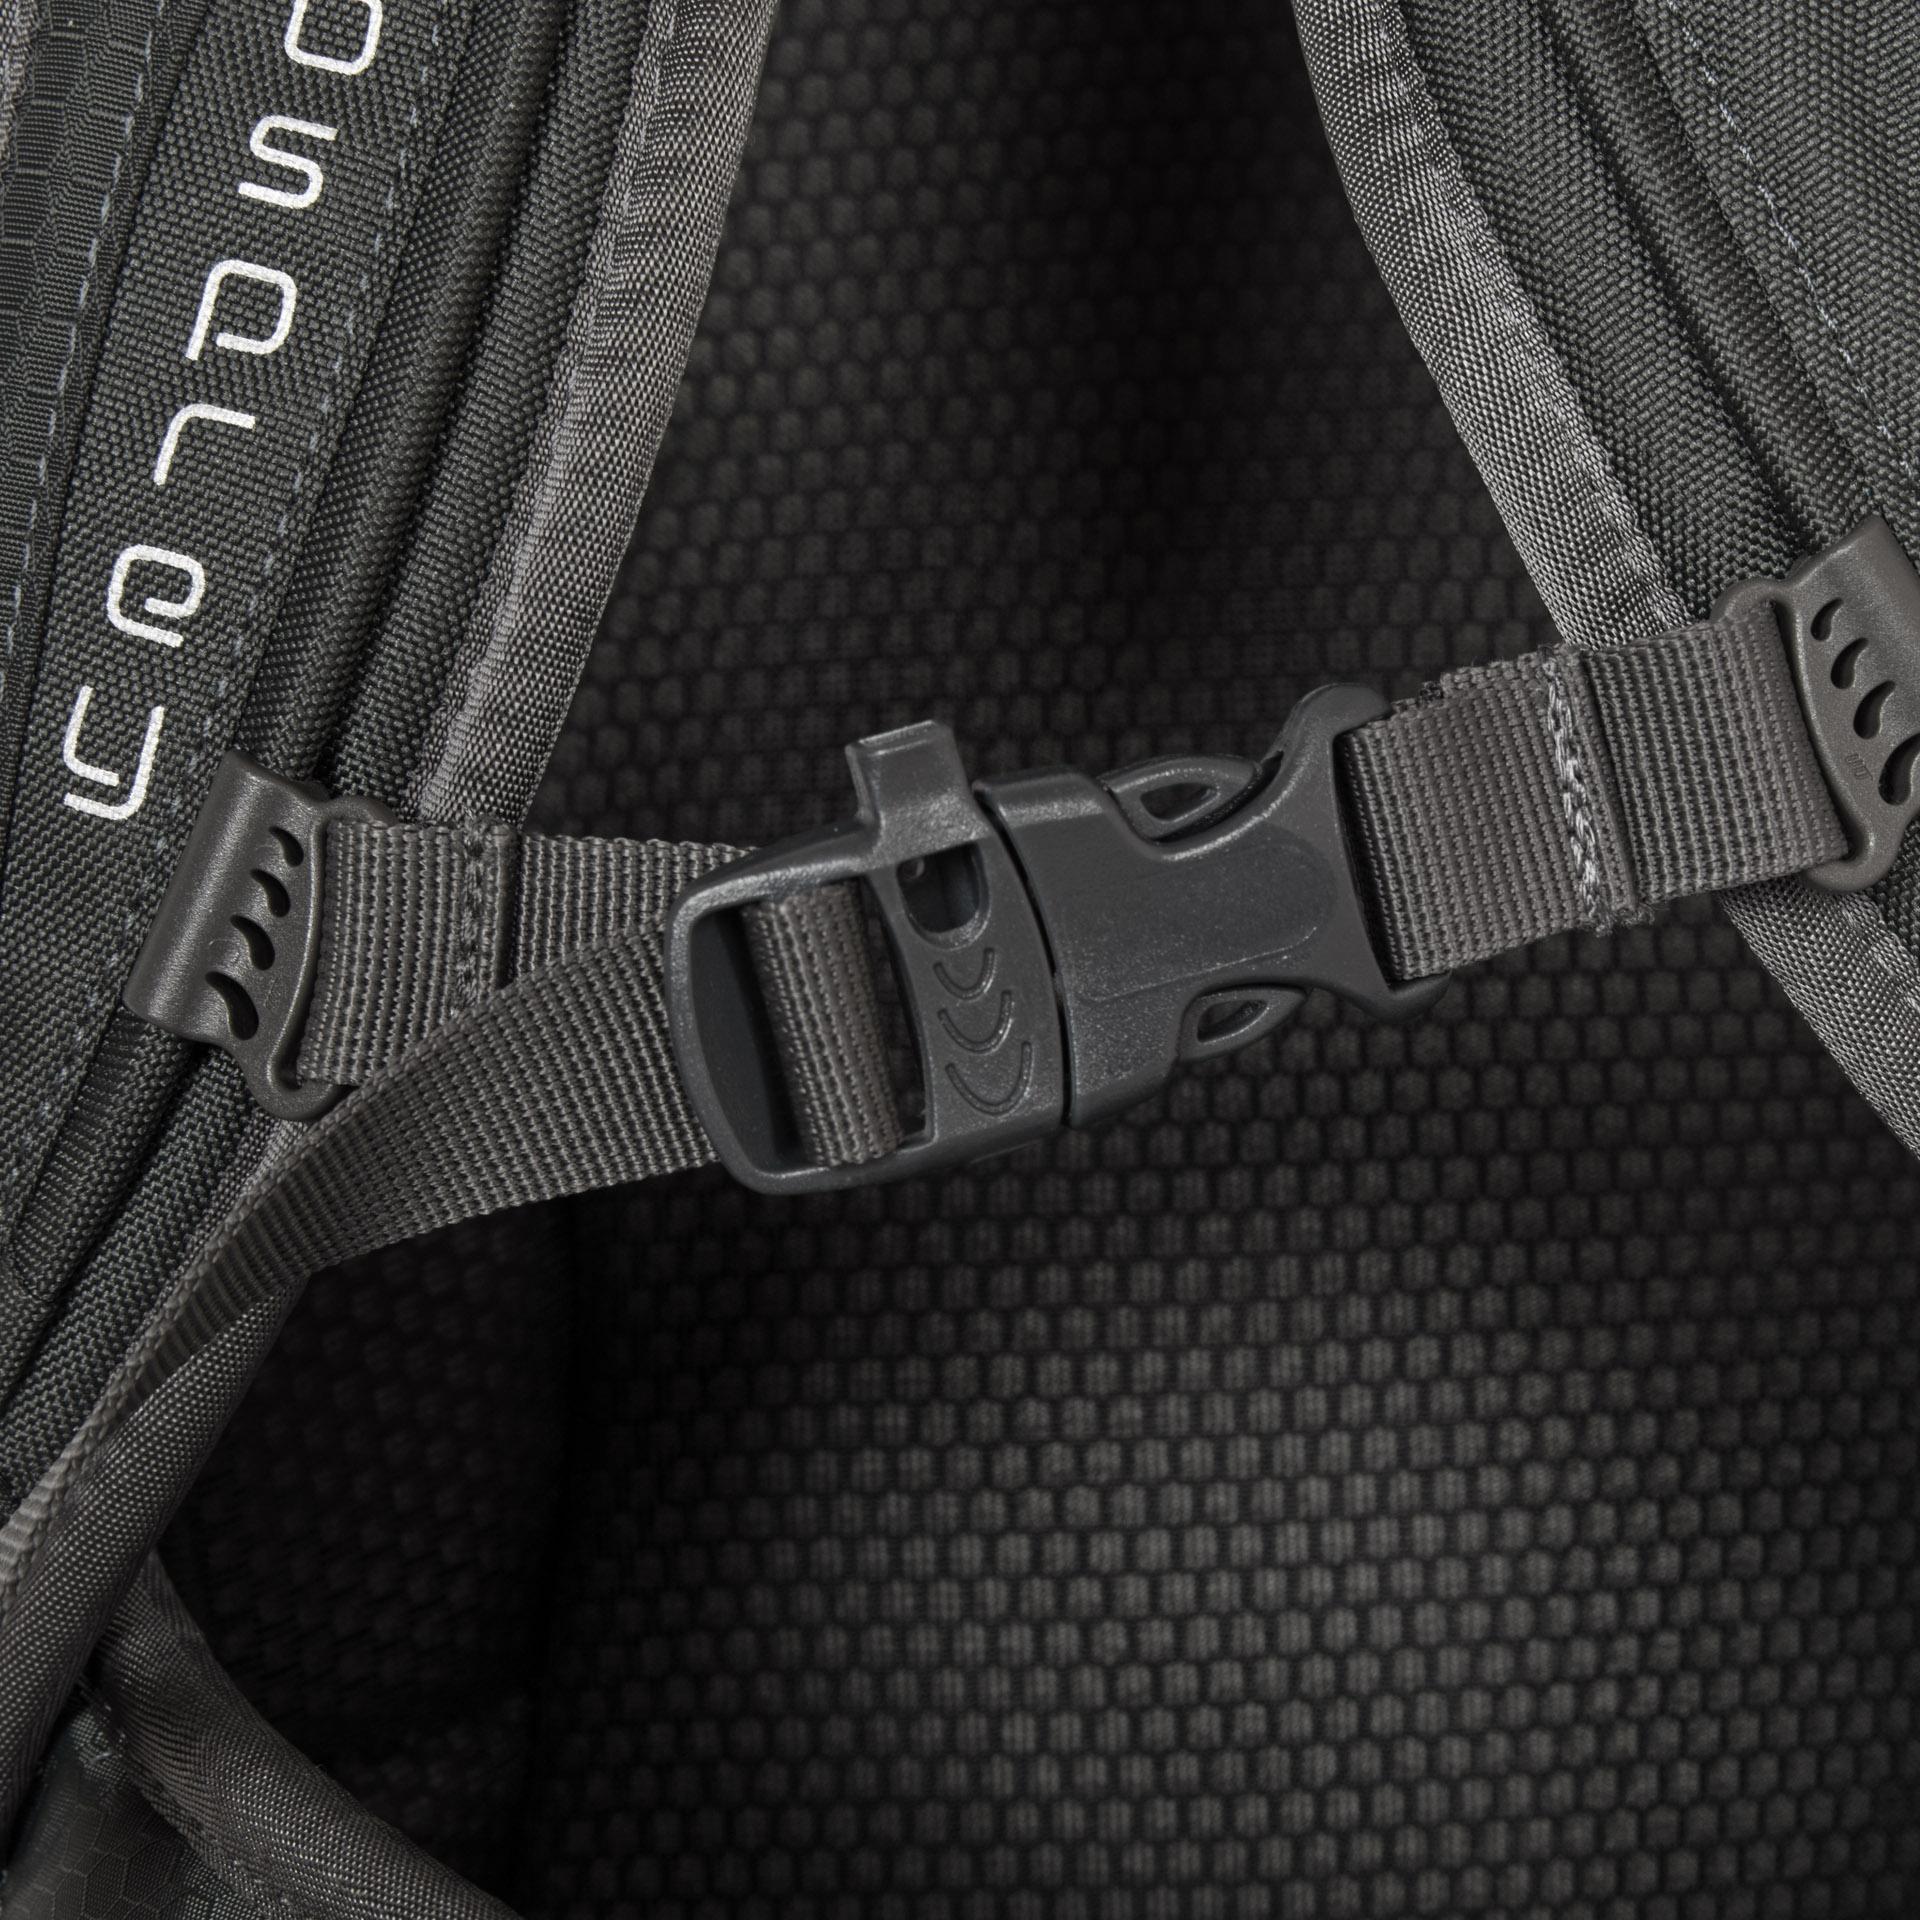 Osprey Farpoint 40 M/L Volcanic Grey Ľahká cestovná taška od firmy Osprey je ideálnym pomocníkom pre všetkých, ktorí radi a často cestujú.